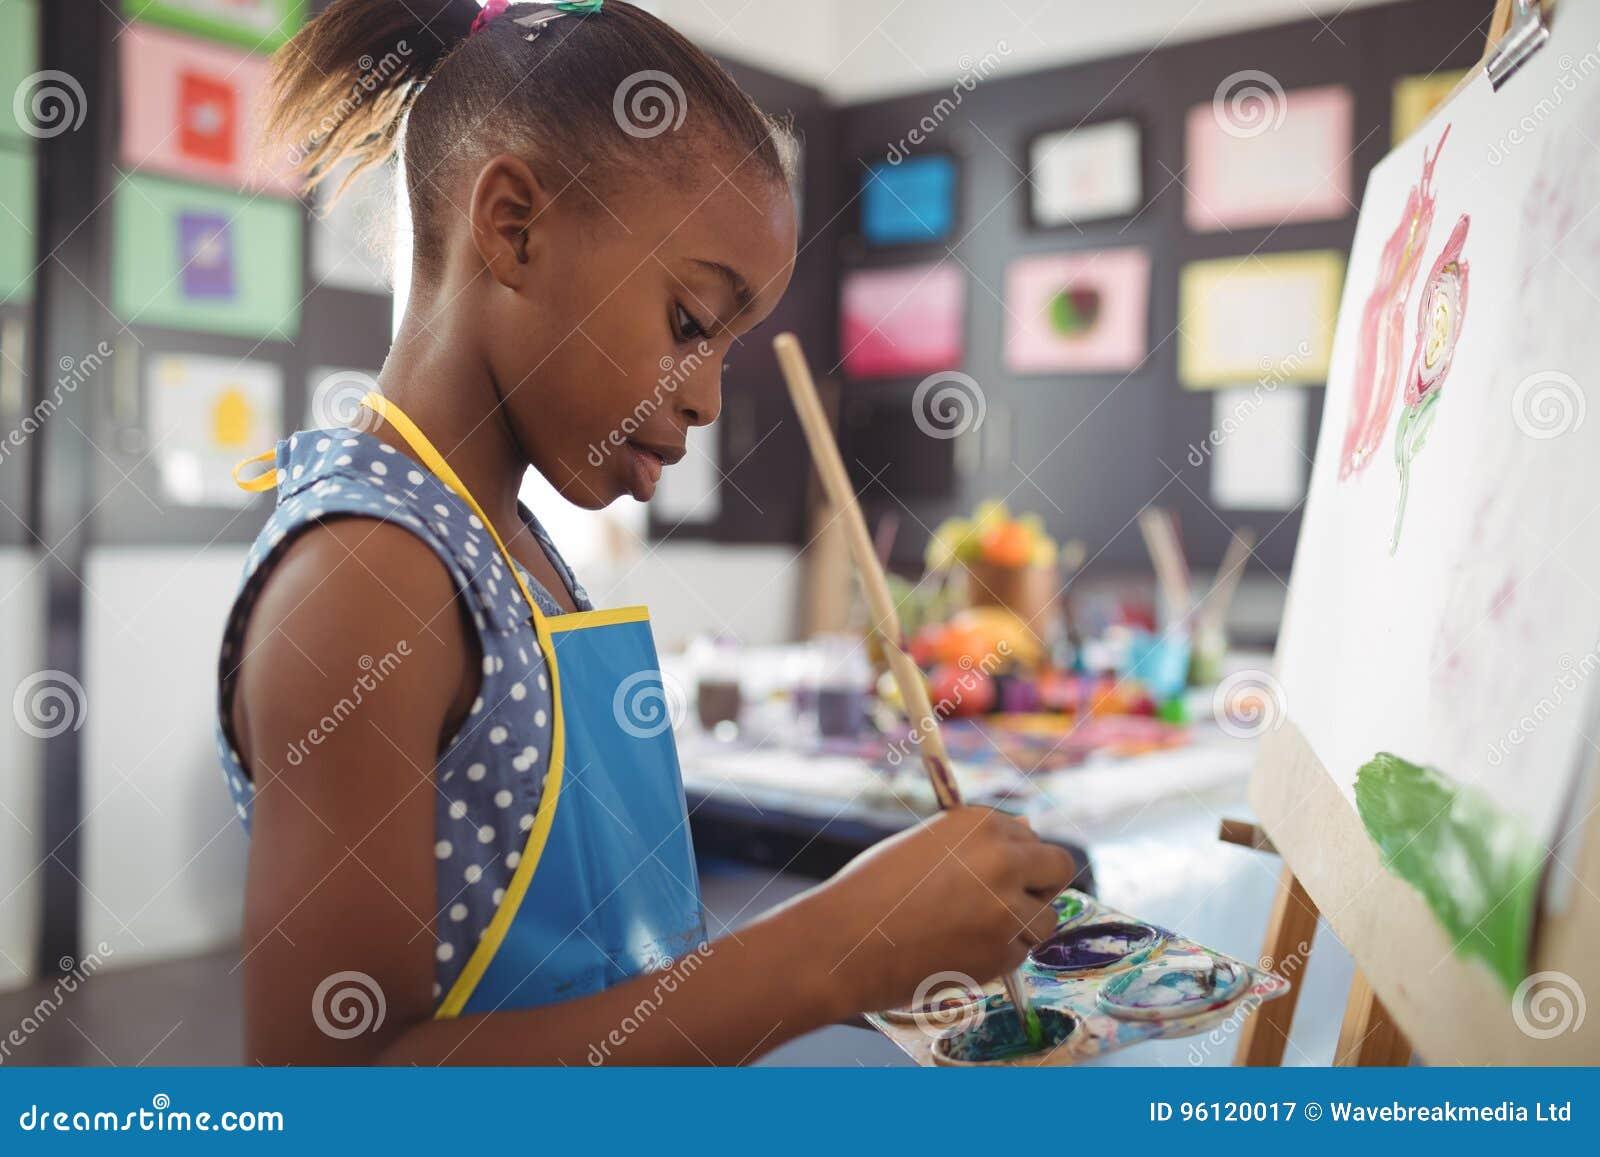 Seitenansicht der fokussierten Mädchenmalerei auf Segeltuch